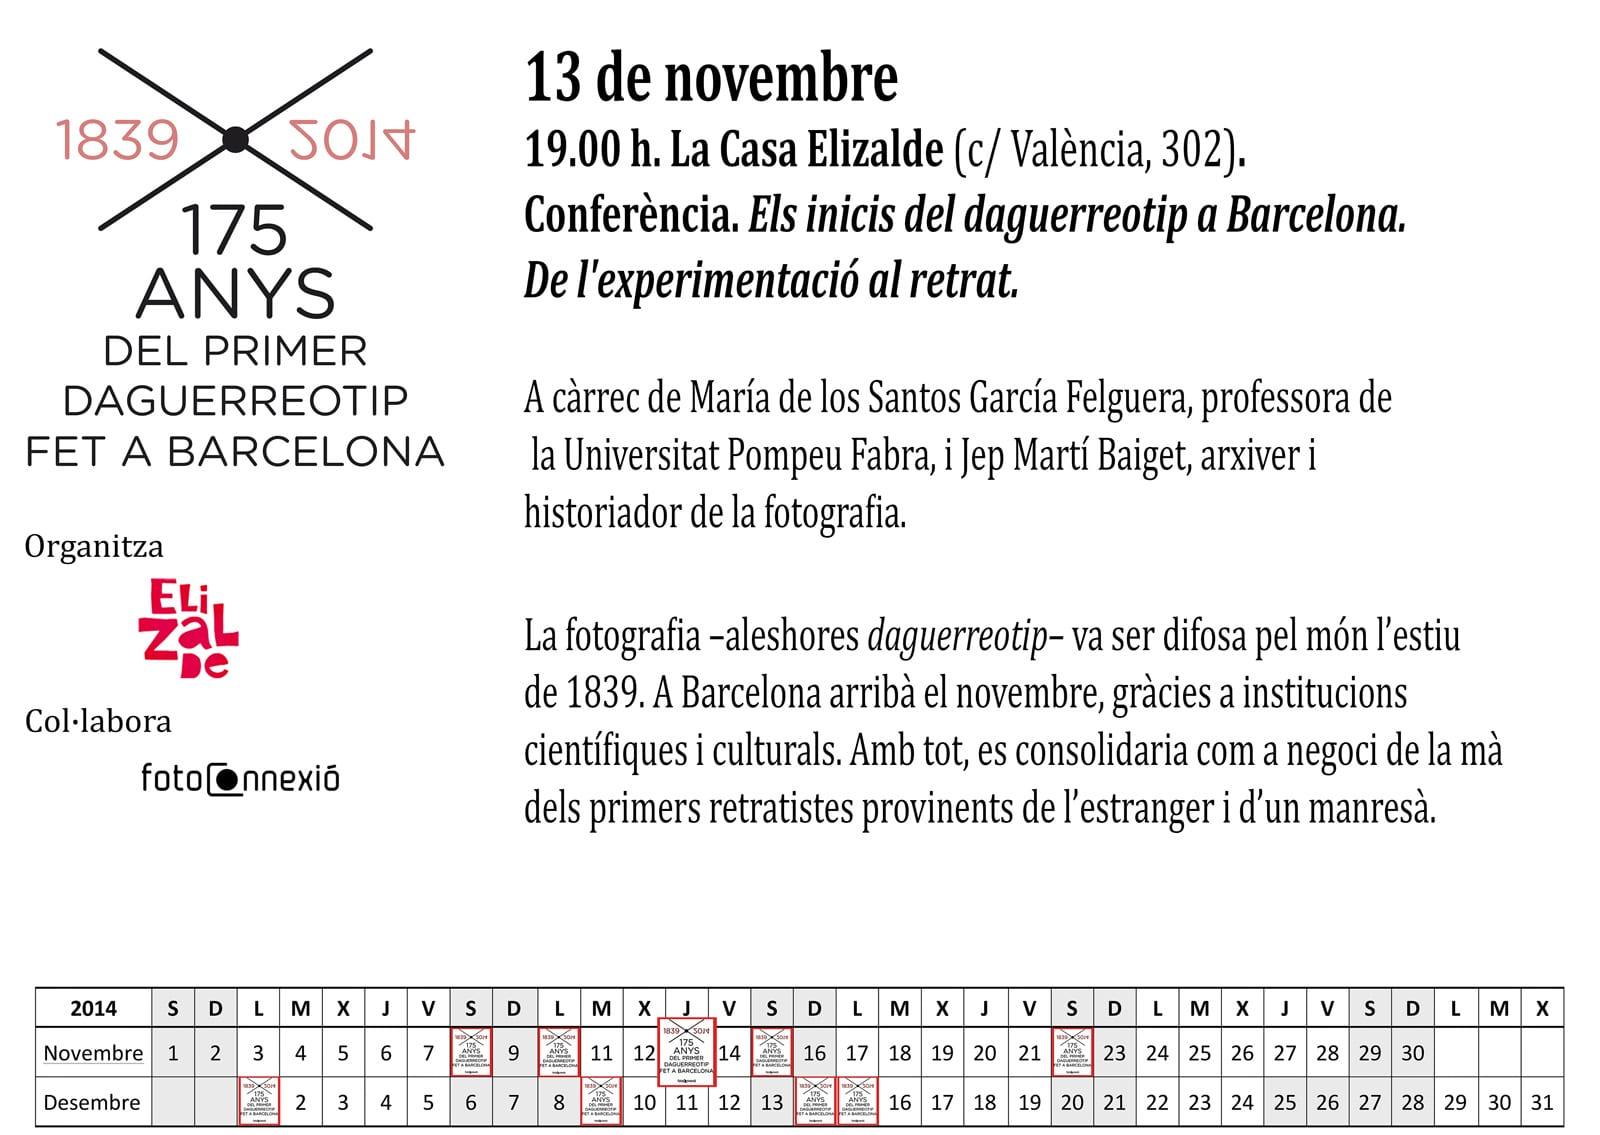 """Conferència """"Els inicis del daguerreotip a Barcelona. De l'experimentació al retrat"""" a càrrec de María de los Santos García Felguera i Jep Marti i Baiget"""